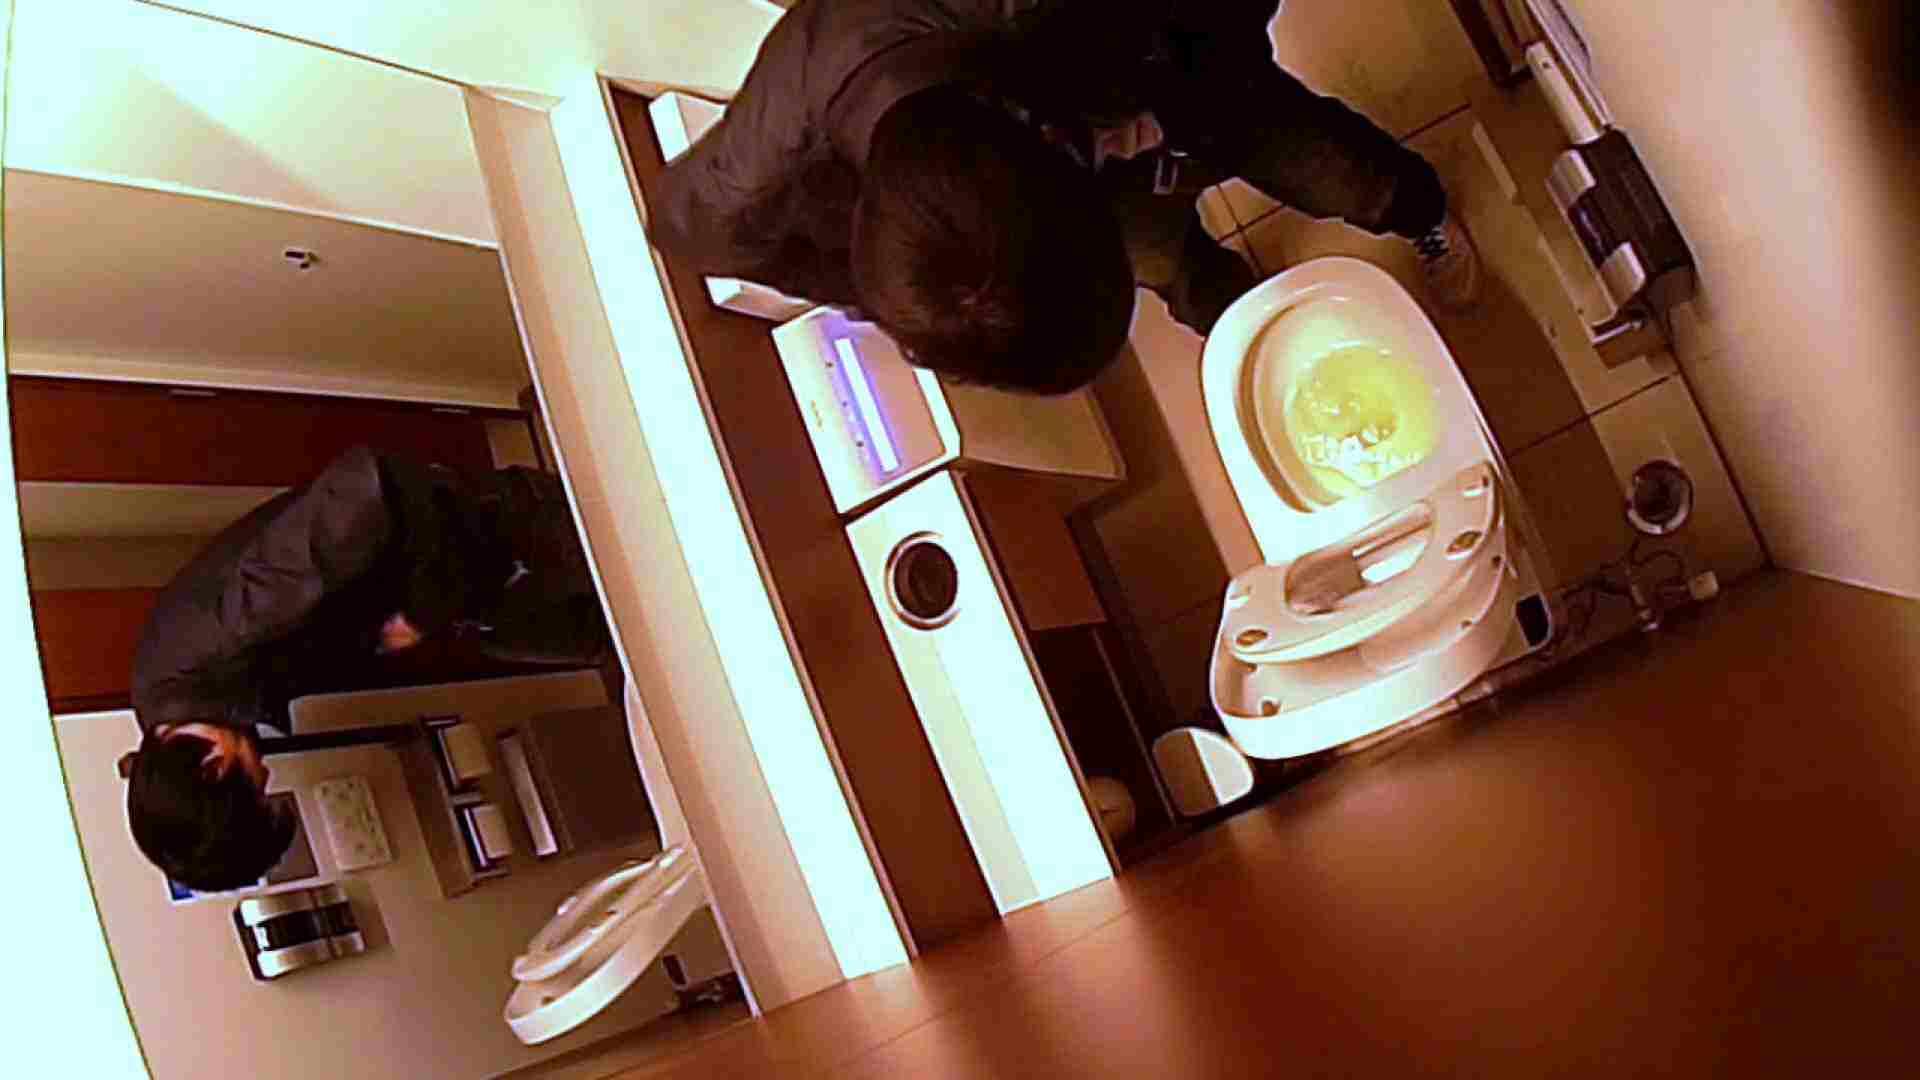 ゲイザーメン動画|すみませんが覗かせてください Vol.30|トイレ